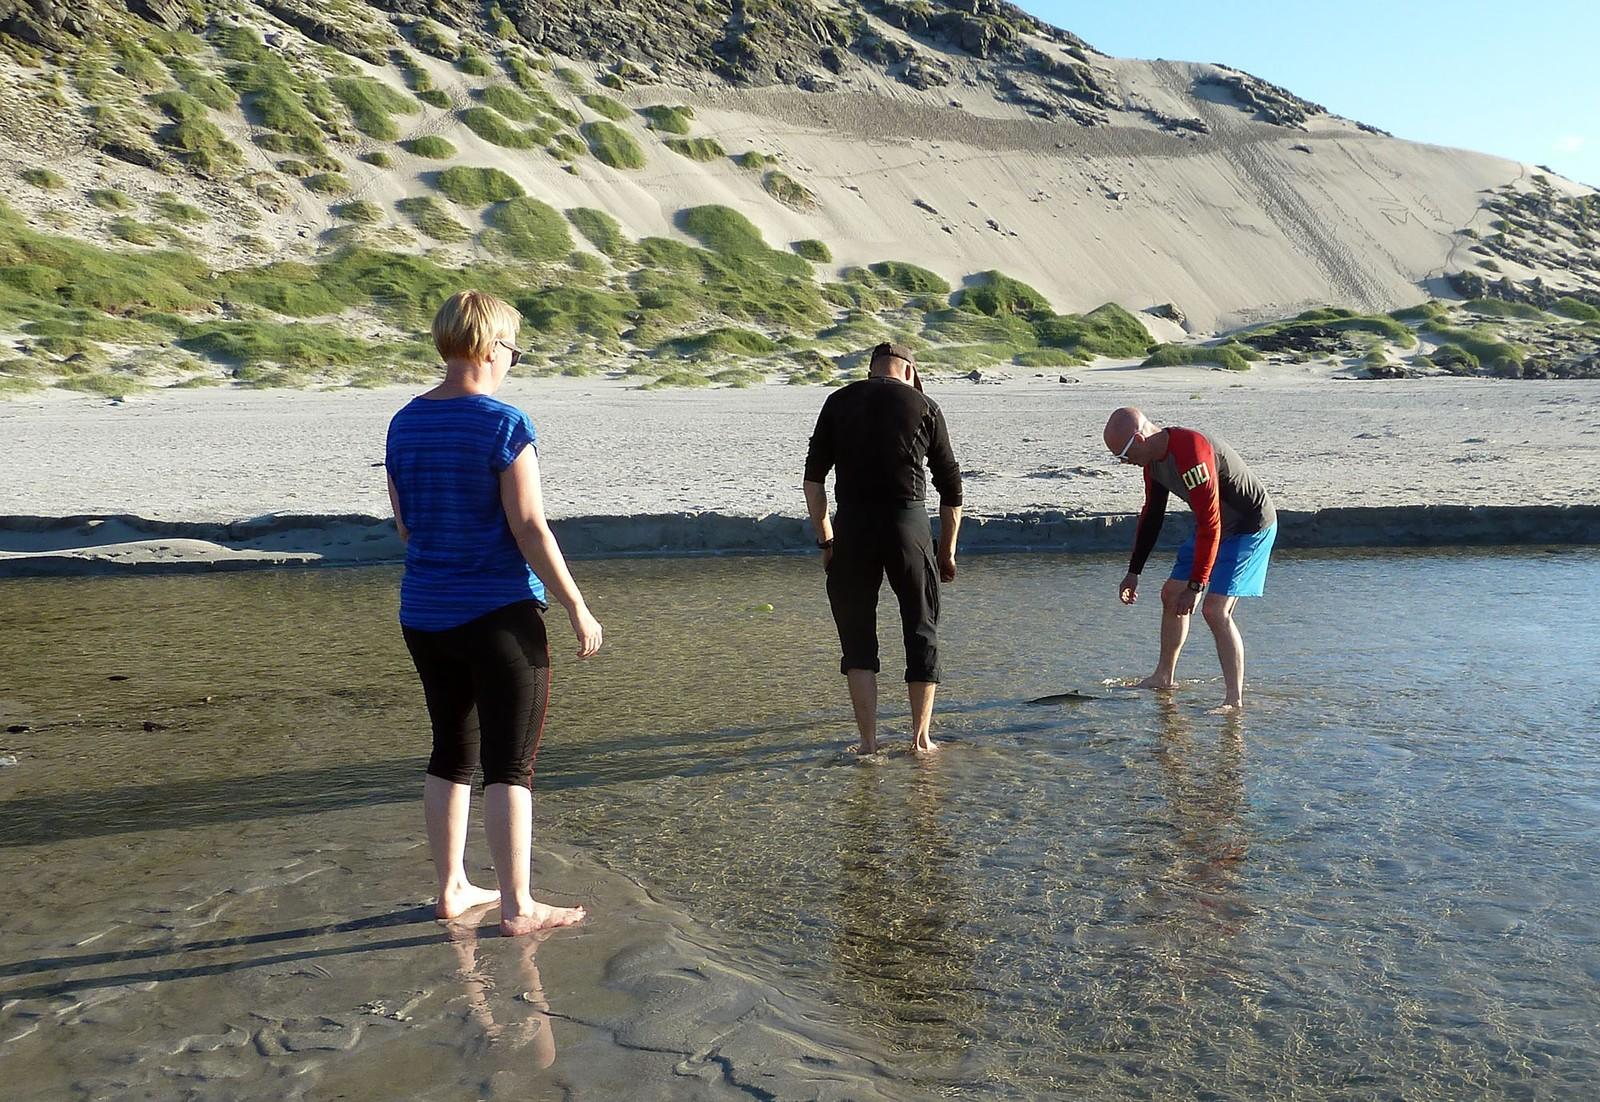 Uten fiskeutstyr måtte turkameratene vasse ut i elva og bruke hendene.